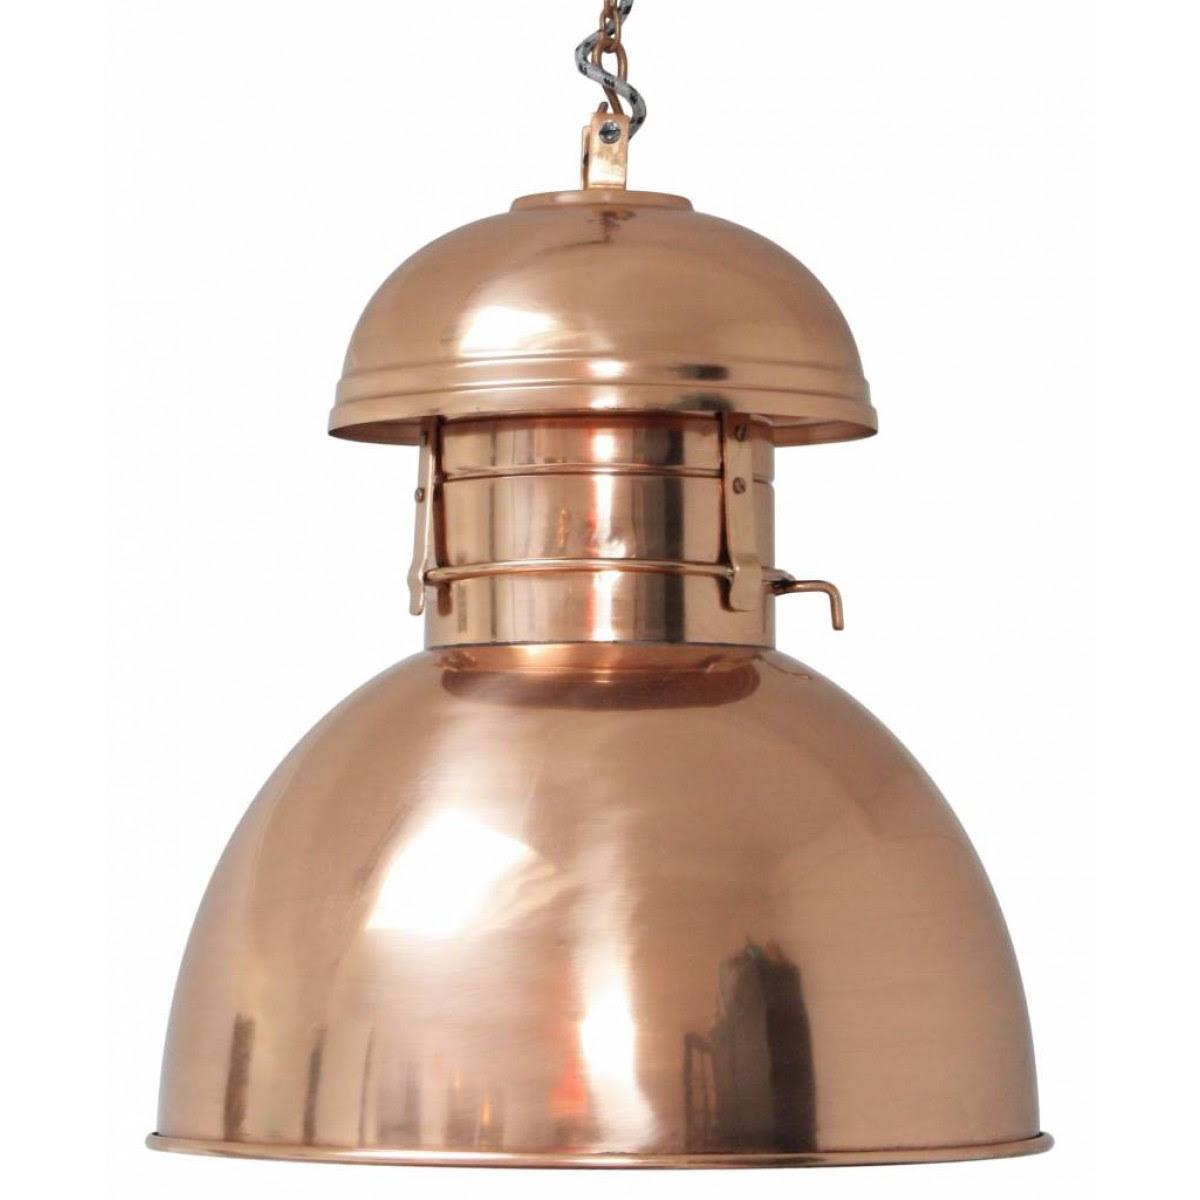 Hängeleuchte Fabrikart, Pendelleuchte Kupfer, Lampe ...